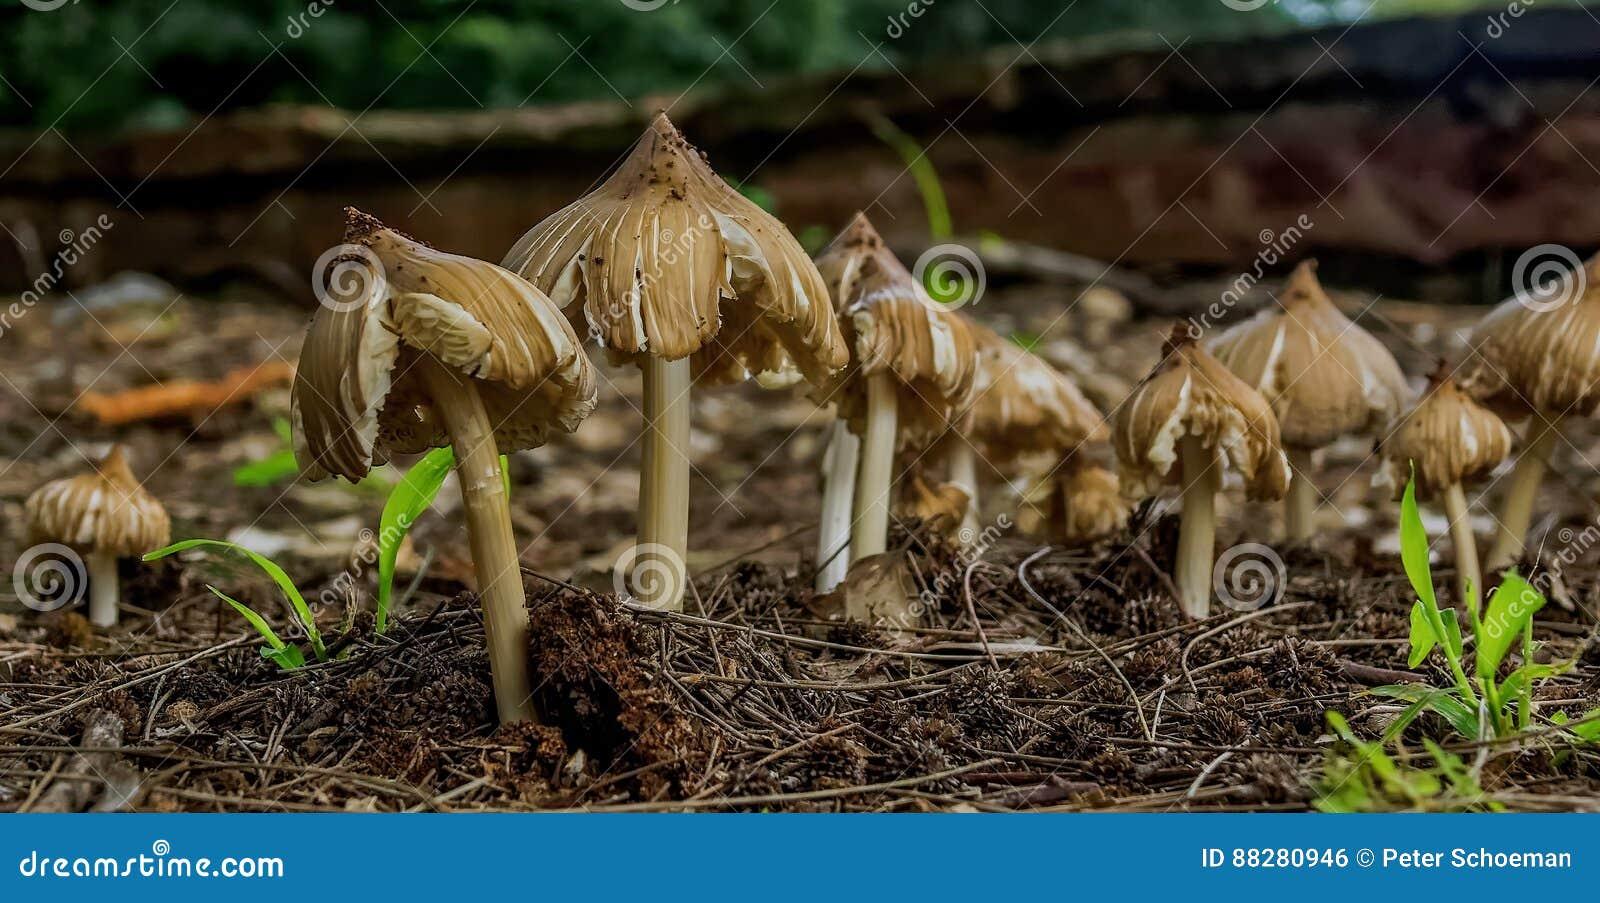 Pieczarki w miękkiej części ziemi dorośnięciu pod drzewem